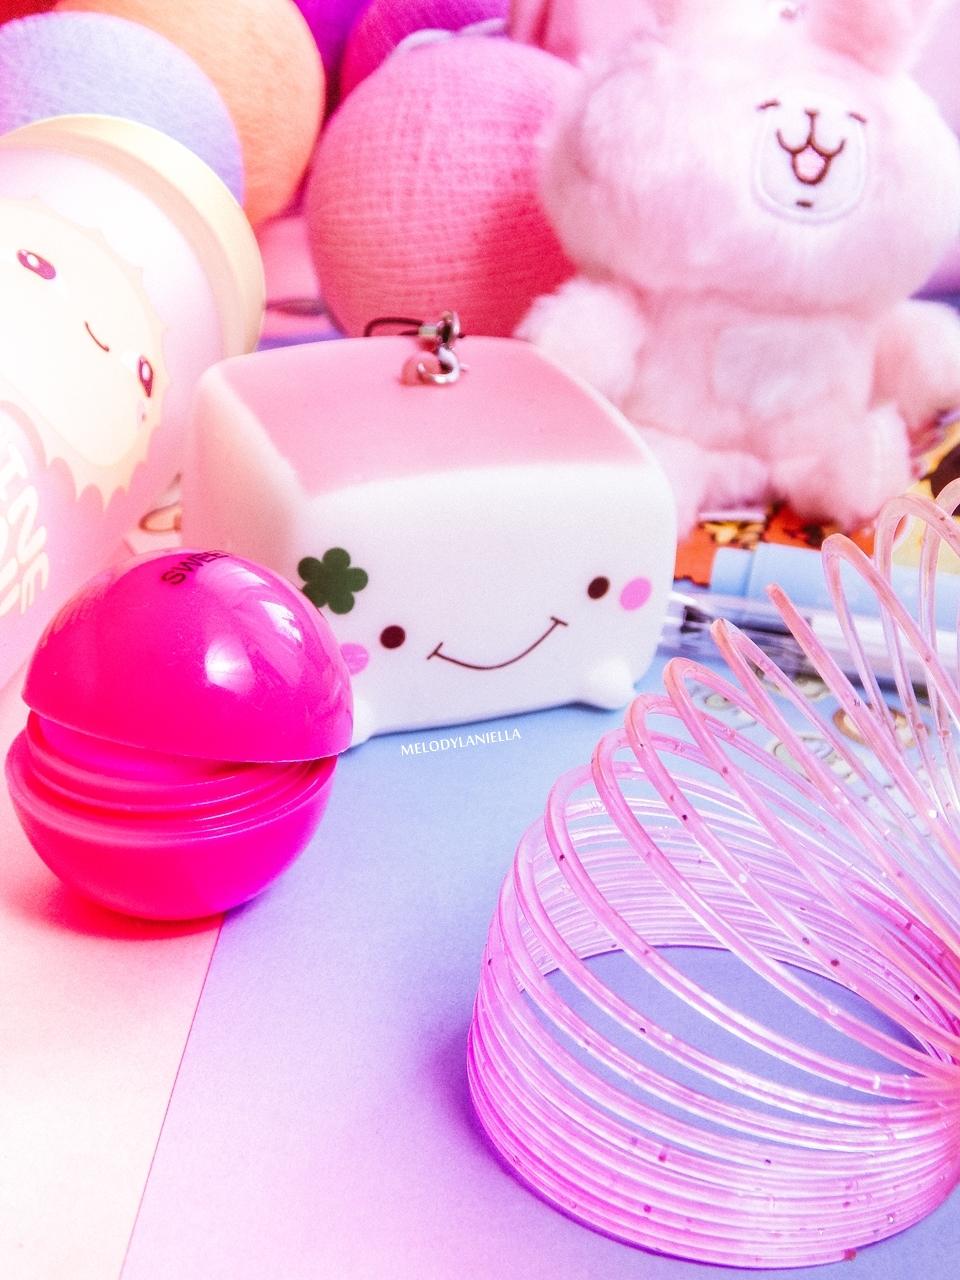 7 kawaii box august sierpień rewiev recenzja giveaway konkurs rozdanie gadżety z japonii kolorowe dodatki słodycze z japonii fajne długopisy, butelka na wodę my melody melodylaniella pudding tofu brelok